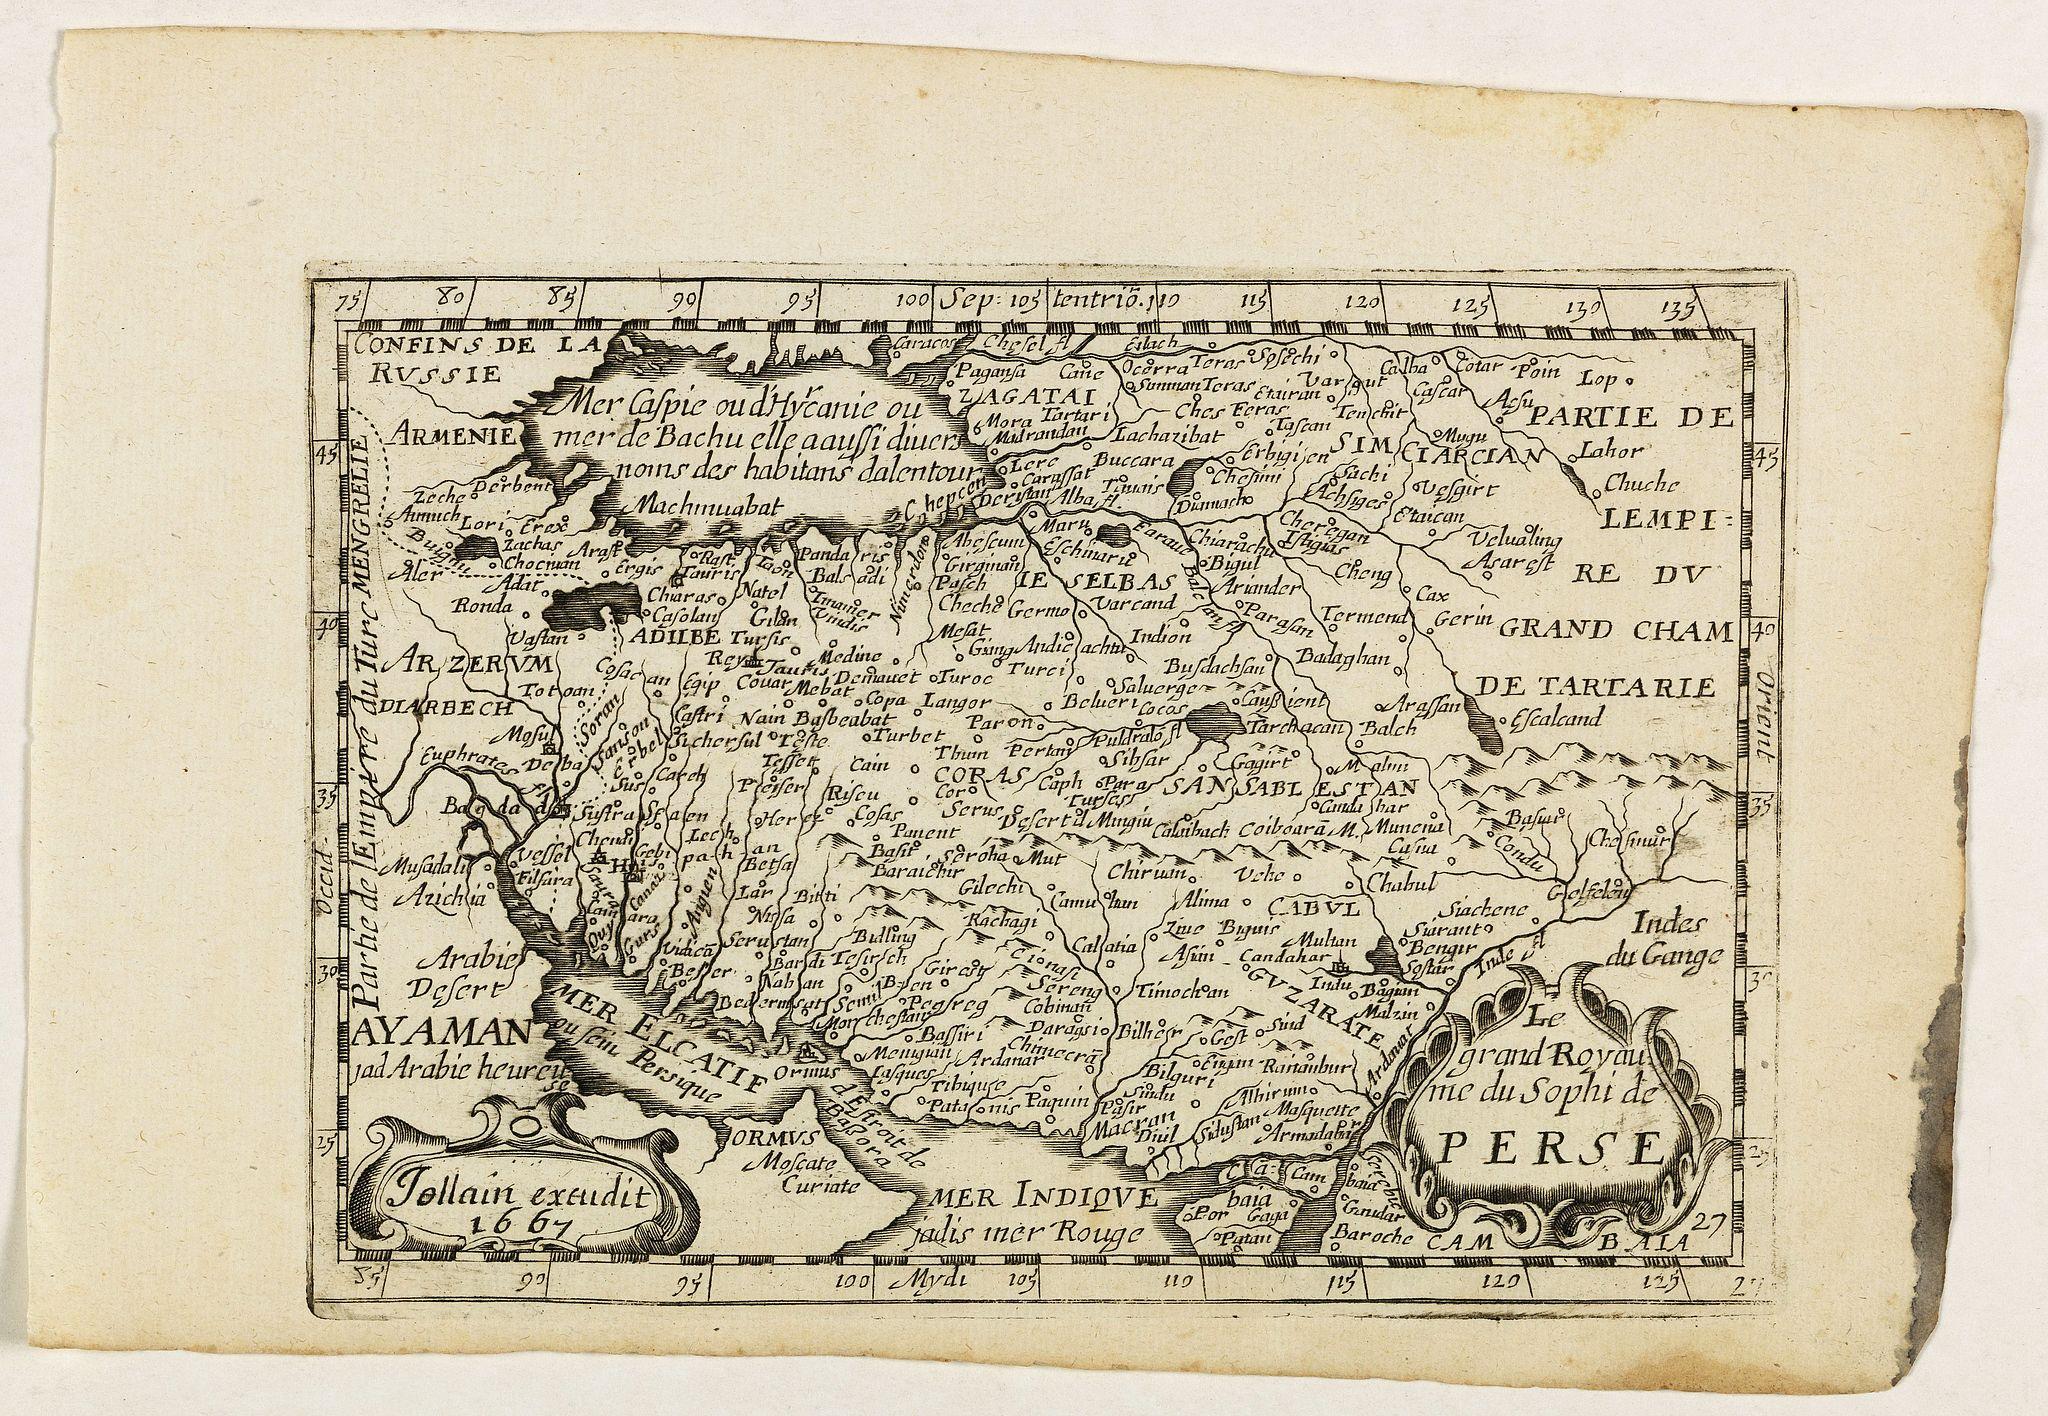 JOLLAIN, G. -  Le grand Royaume du Sophi de Perse.